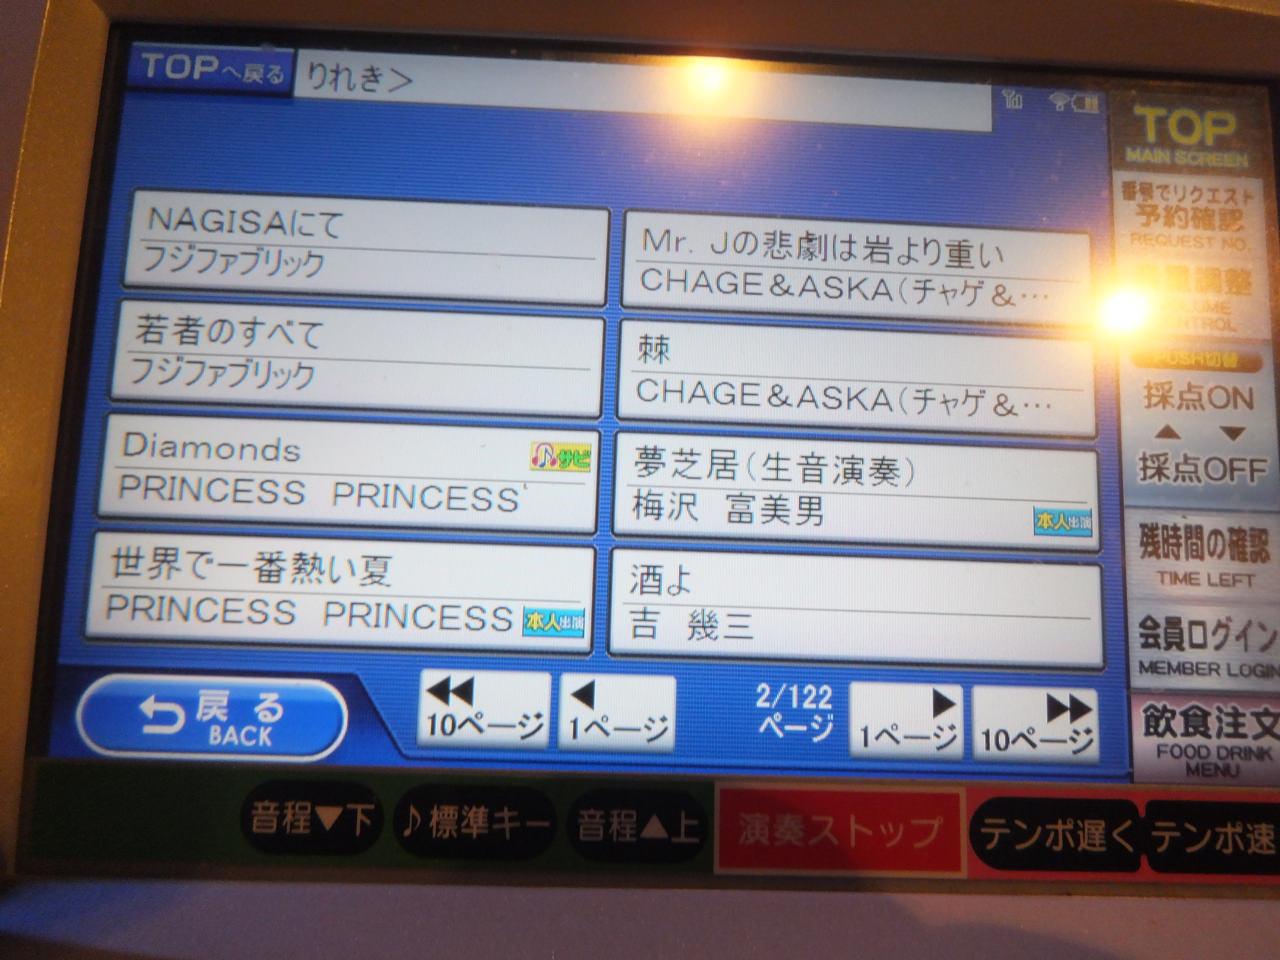 1人カラオケ・曲目リストvol4・梅沢富美男・PRINCESSPRINCESS・フジファブリック・画像写真